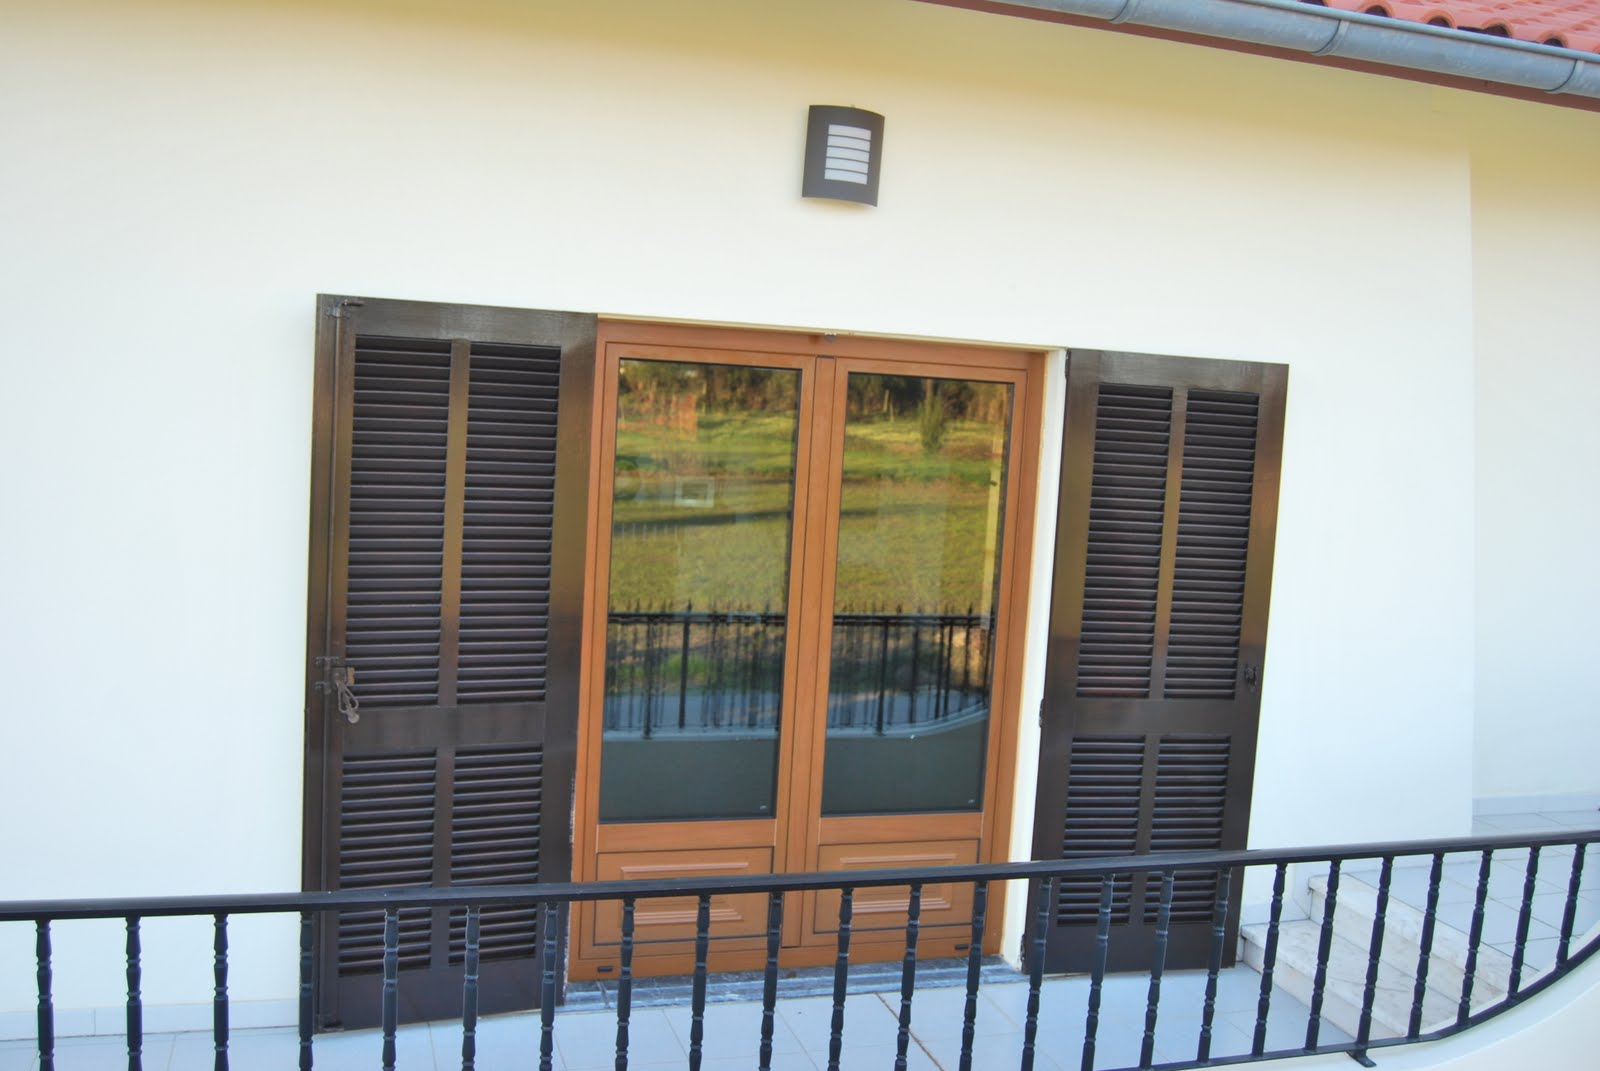 #376794 casa com janelas: Substituição madeira por alumínio ruptura  74 Janelas De Vidro E Madeira